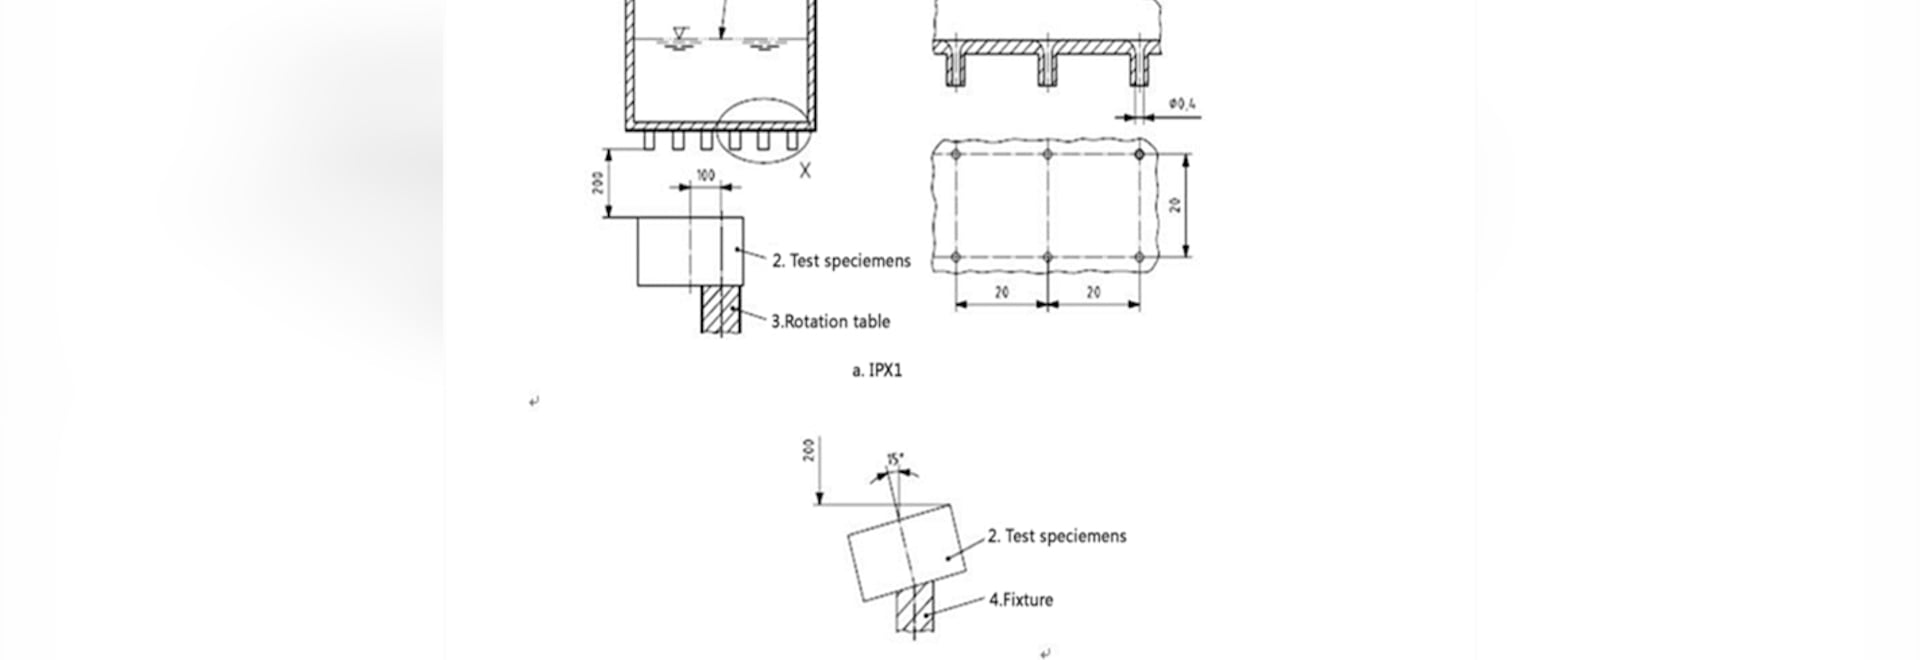 Introducción a la protección IPX12 Ingress Protection